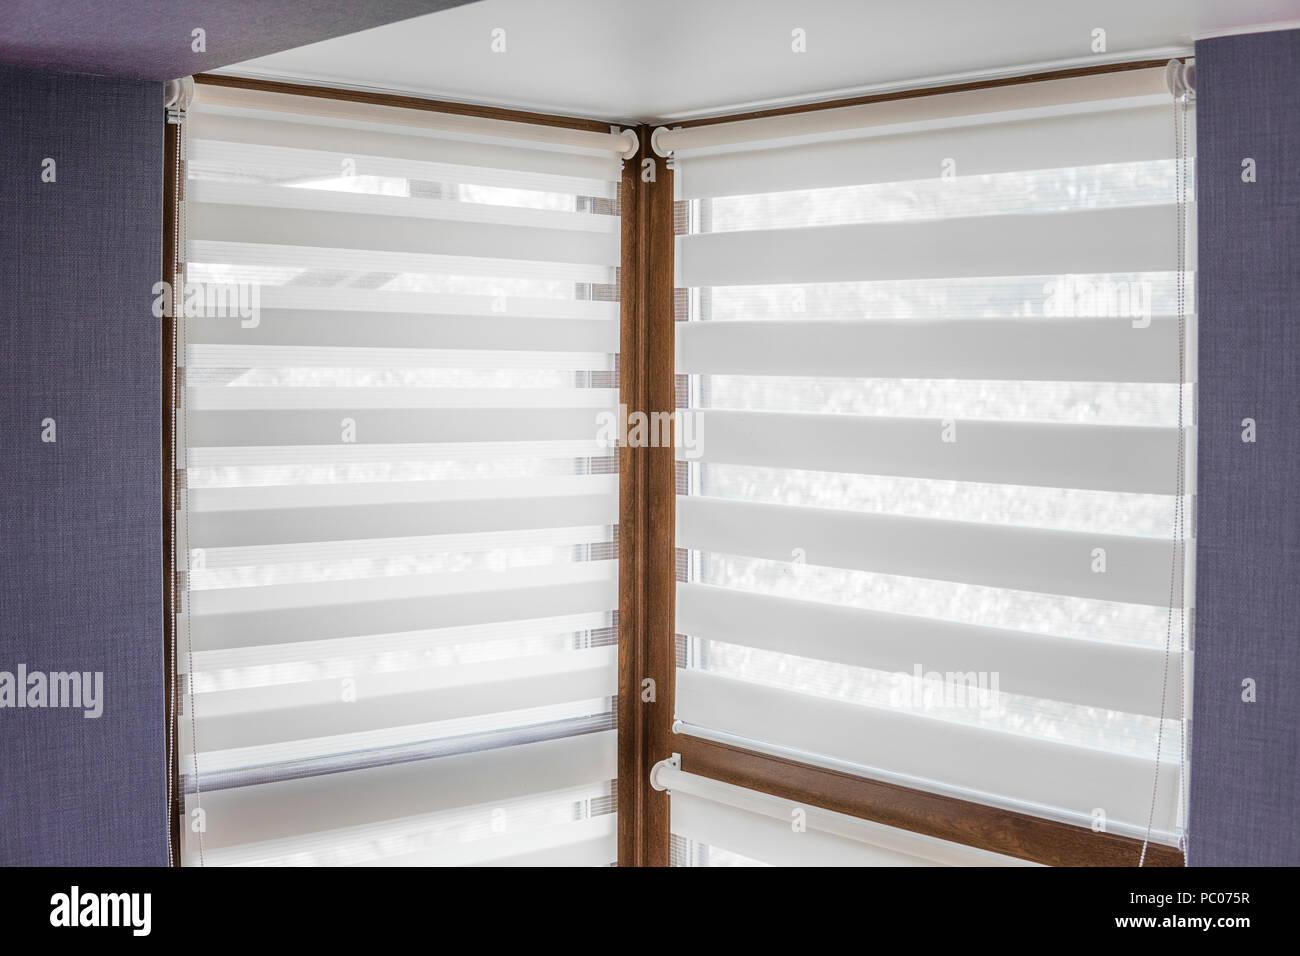 Weißen Stoff Rollos an den Kunststoff Fenster mit Holz ...